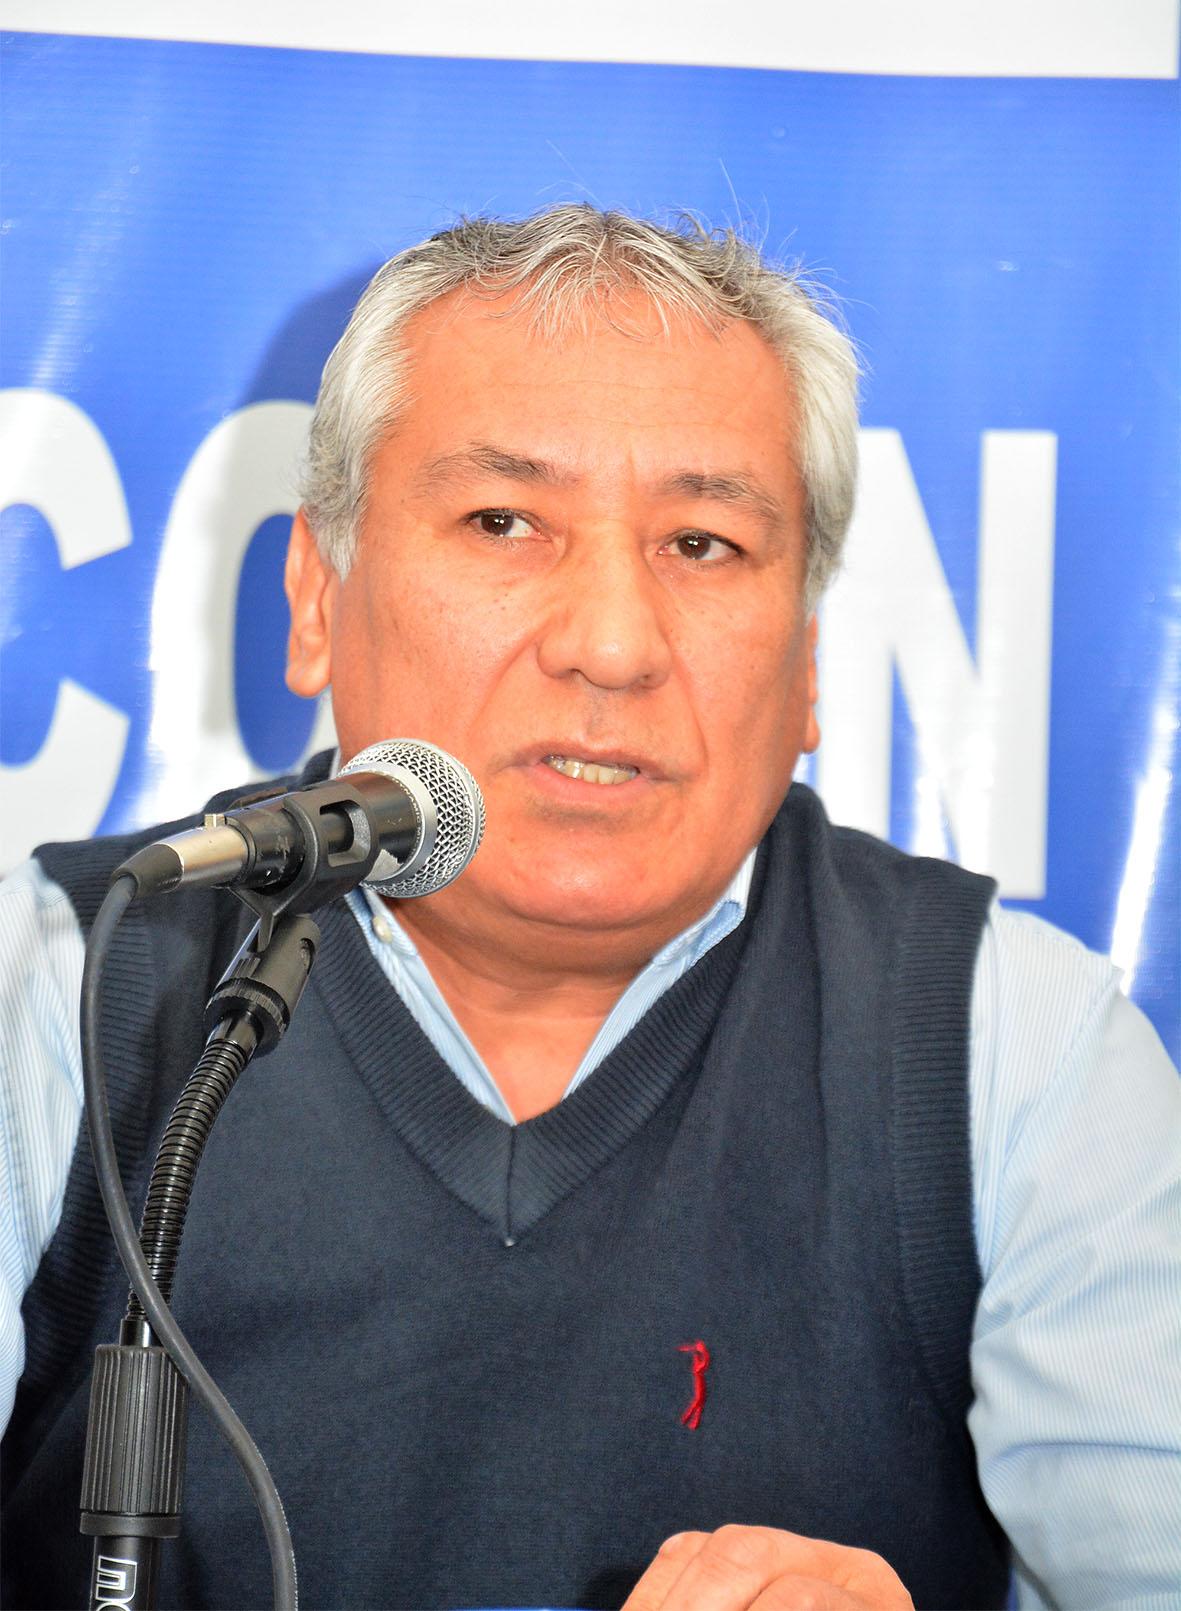 Beliz lanzaría su candidatura a Diputado Nacional